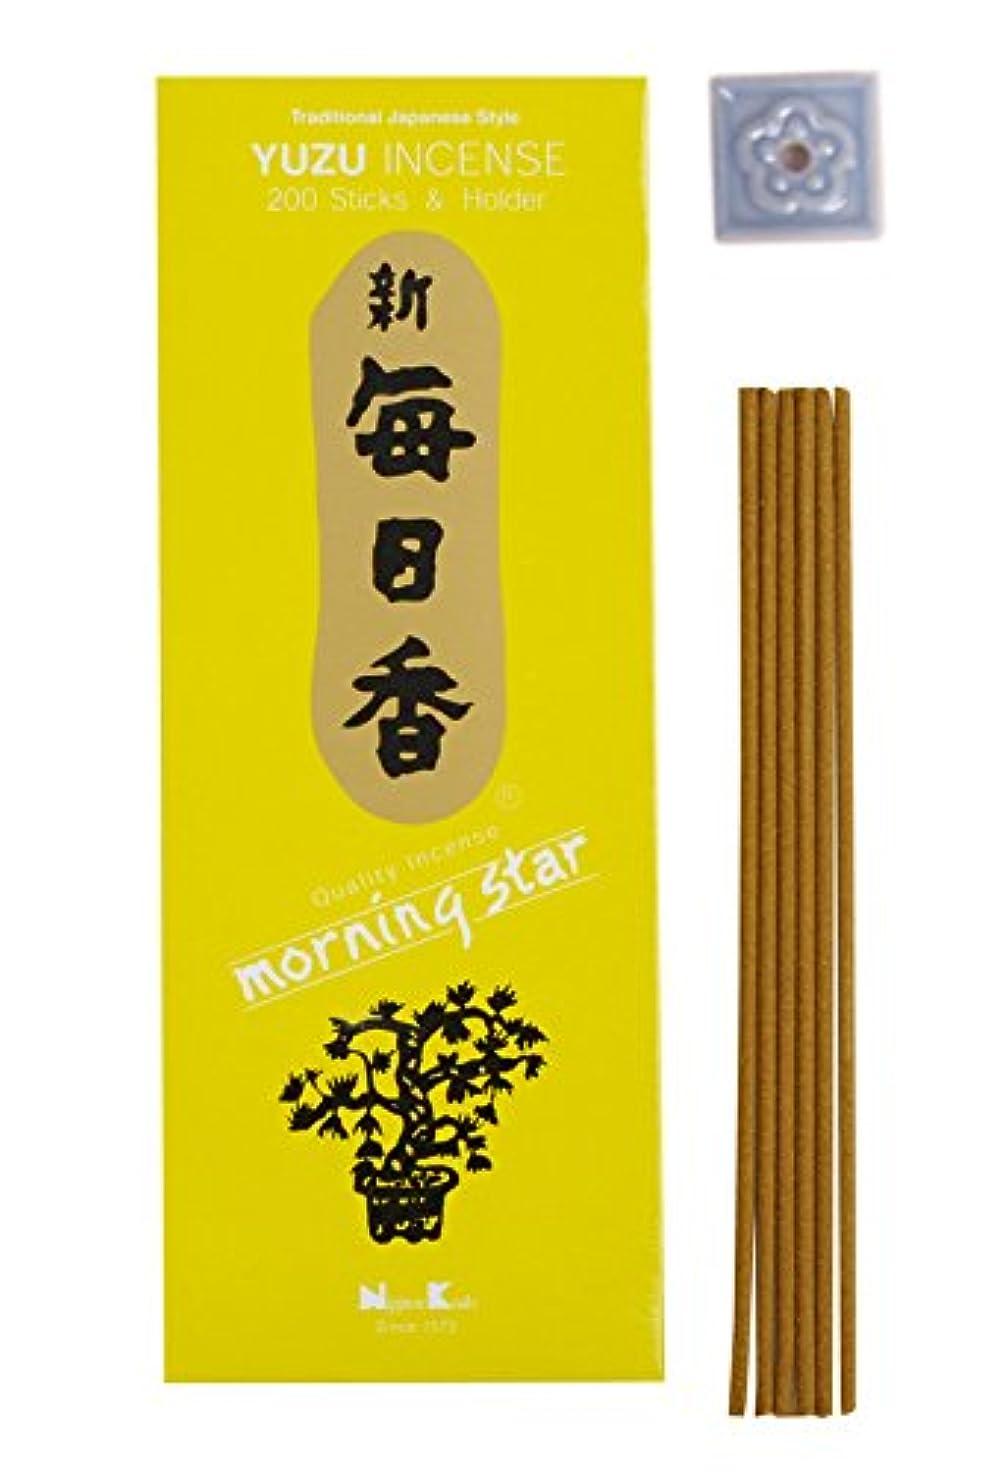 キリマンジャロシャワー分割Morning Star – Yuzu 200 Sticks